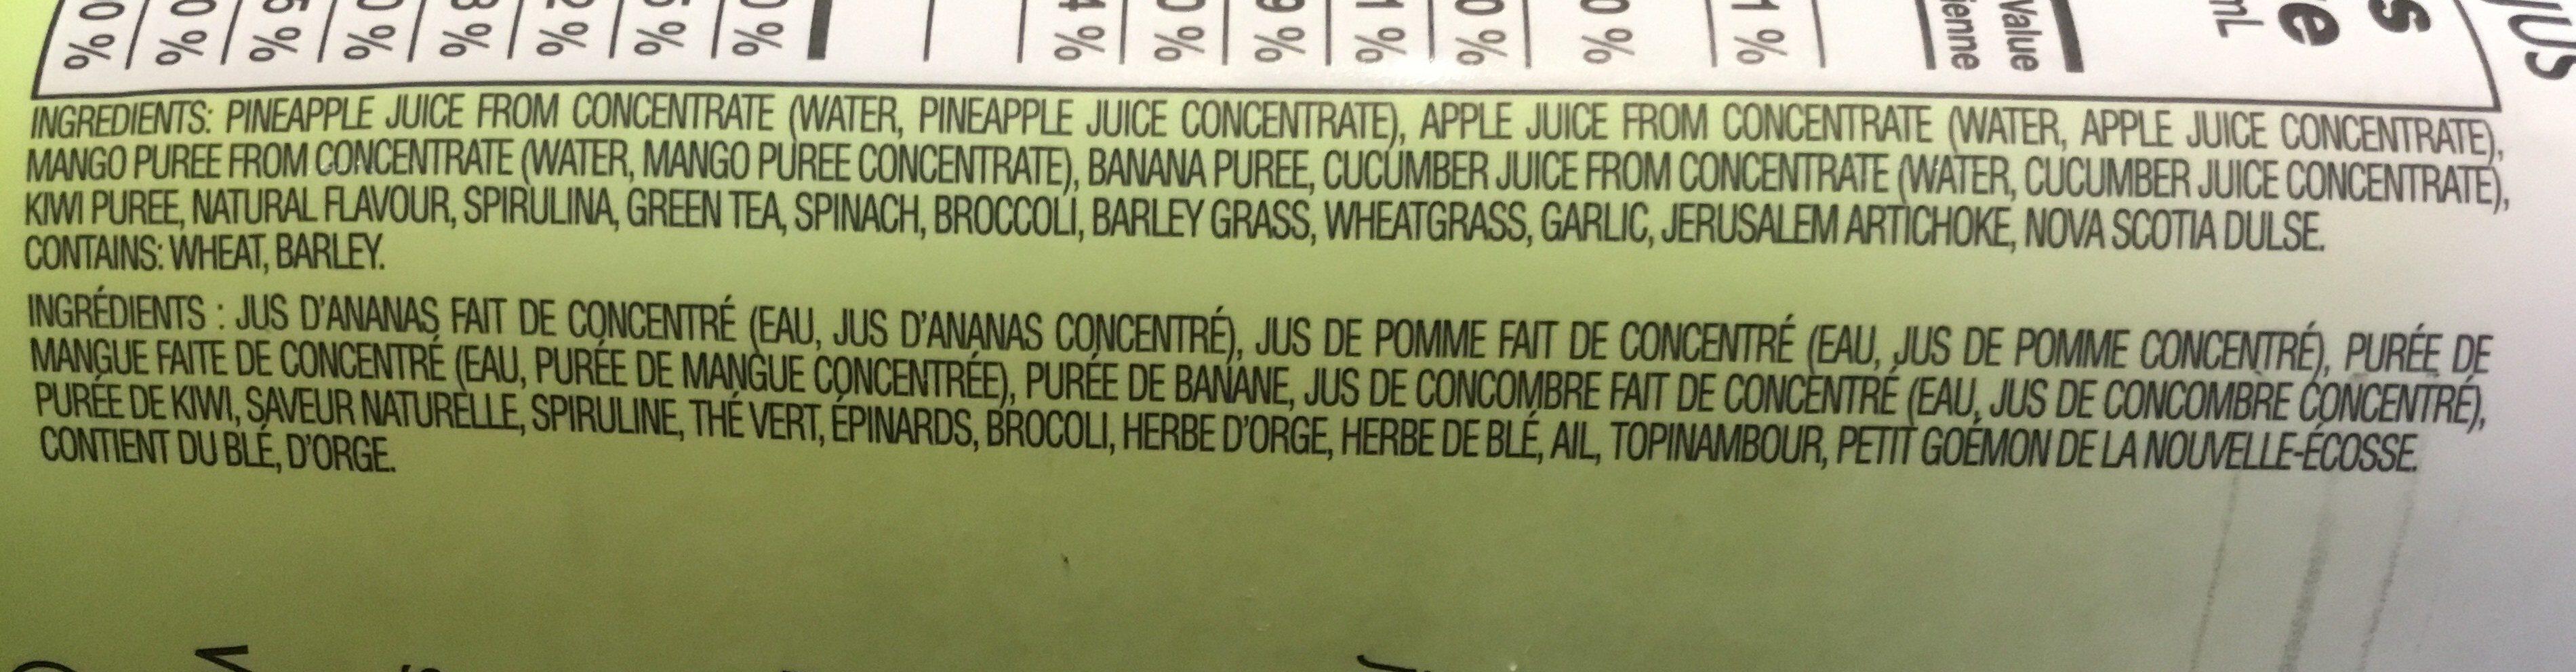 100% fruit juice smoothie, green goodness - Ingrédients - fr